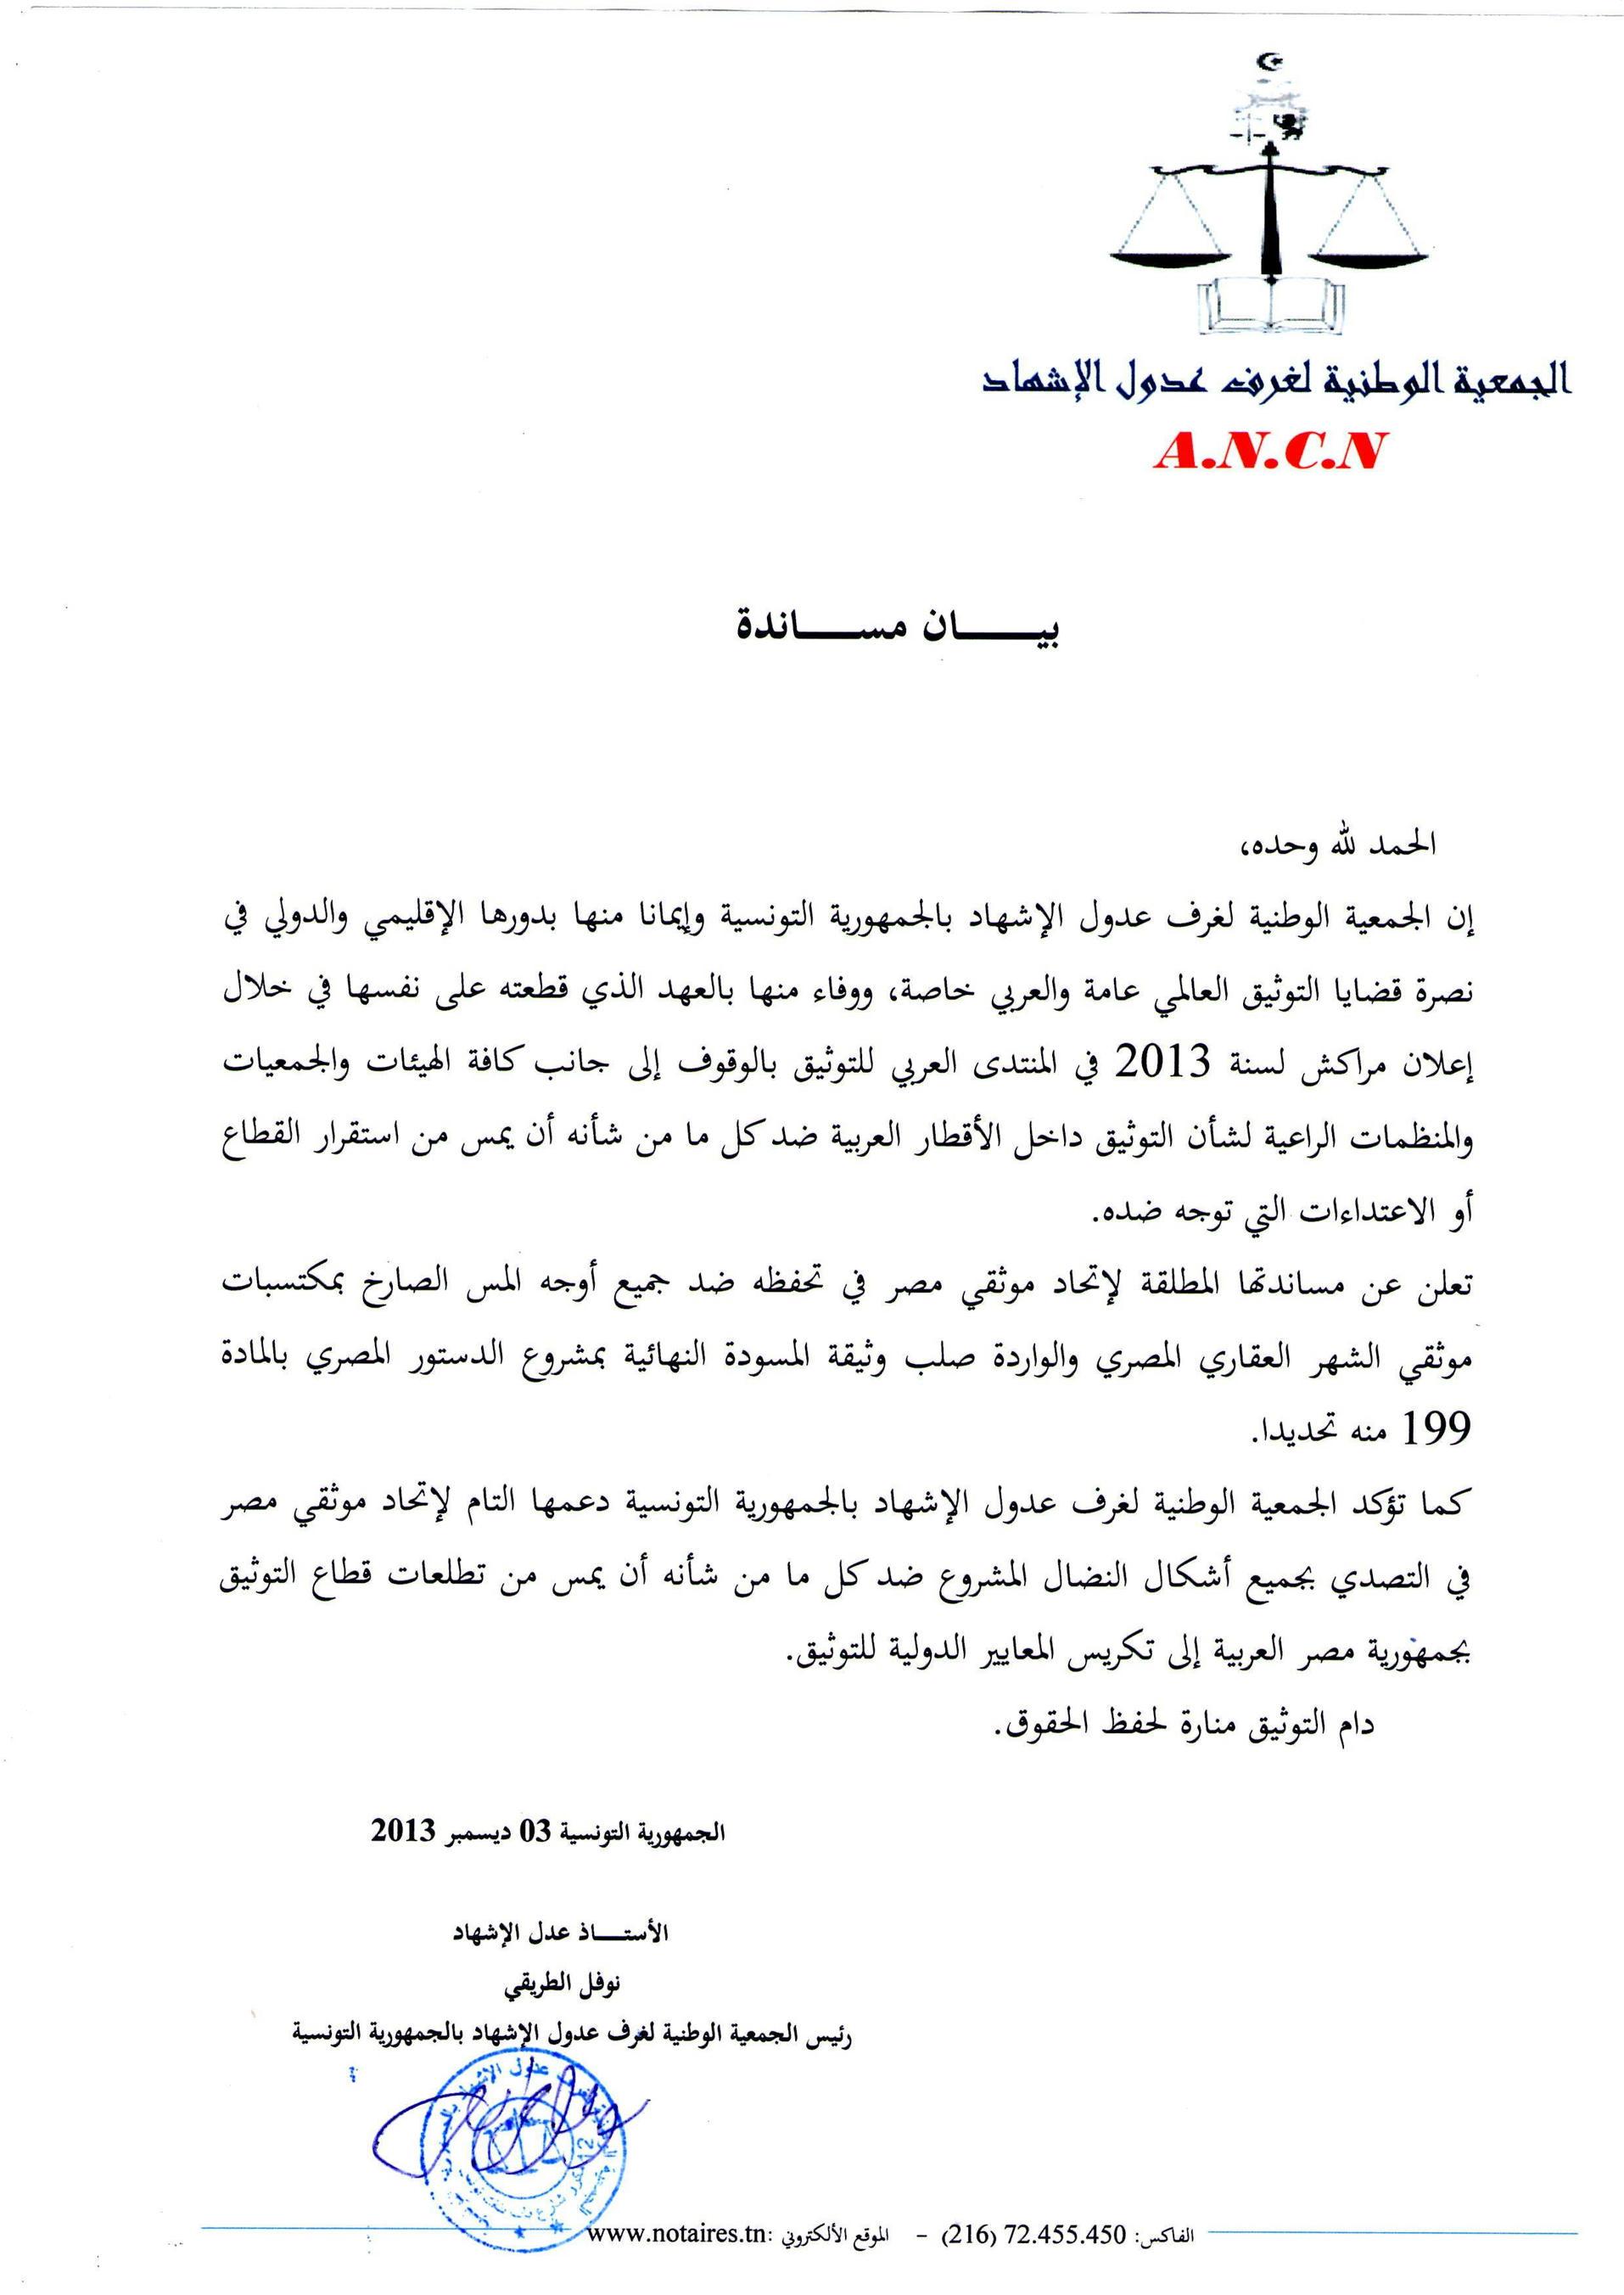 بيان مساندة من اشقائنا باجمهورية التونسية